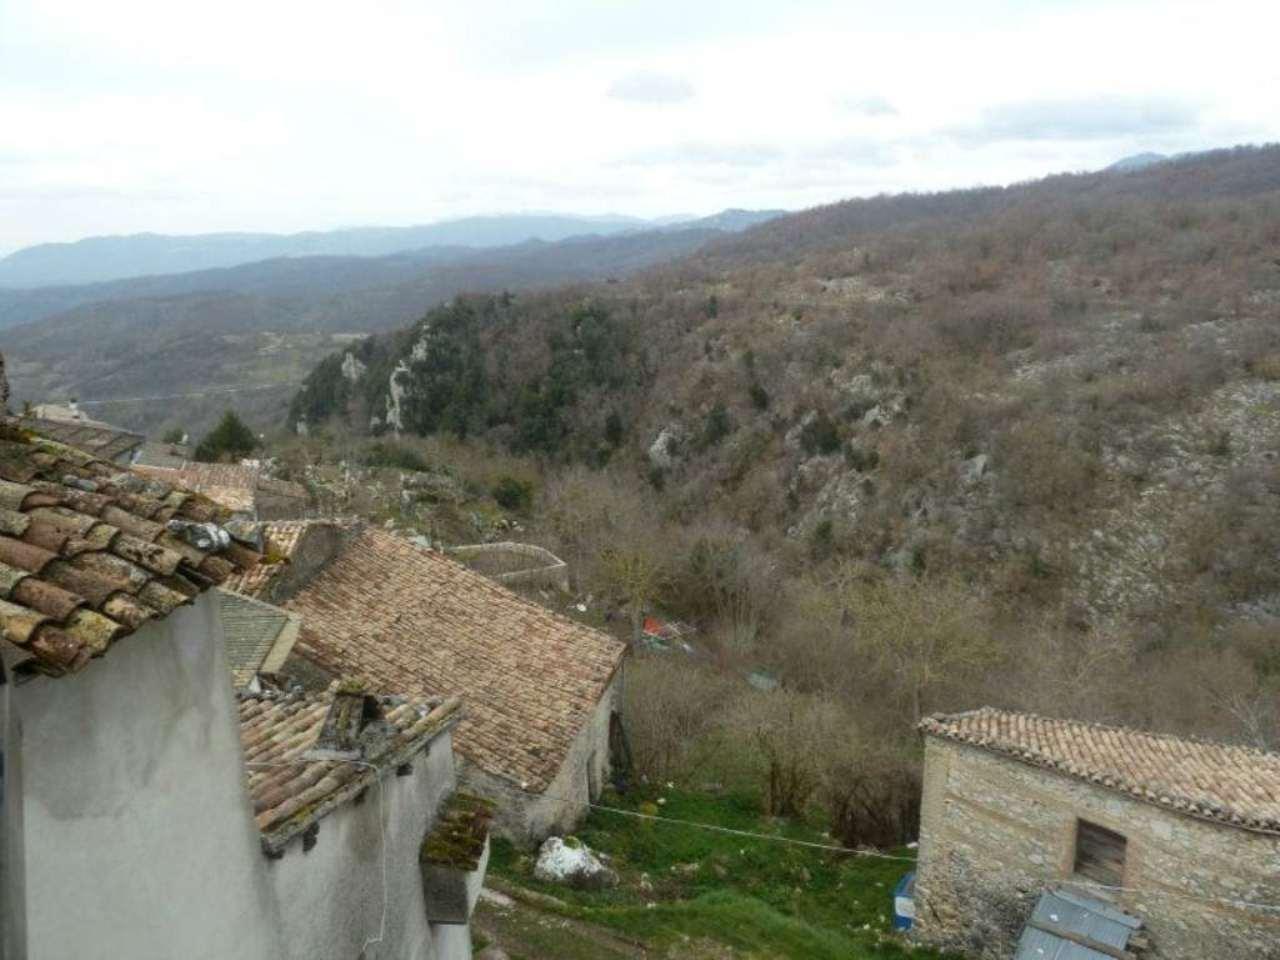 Appartamento in vendita a Carsoli, 3 locali, prezzo € 40.000 | Cambio Casa.it